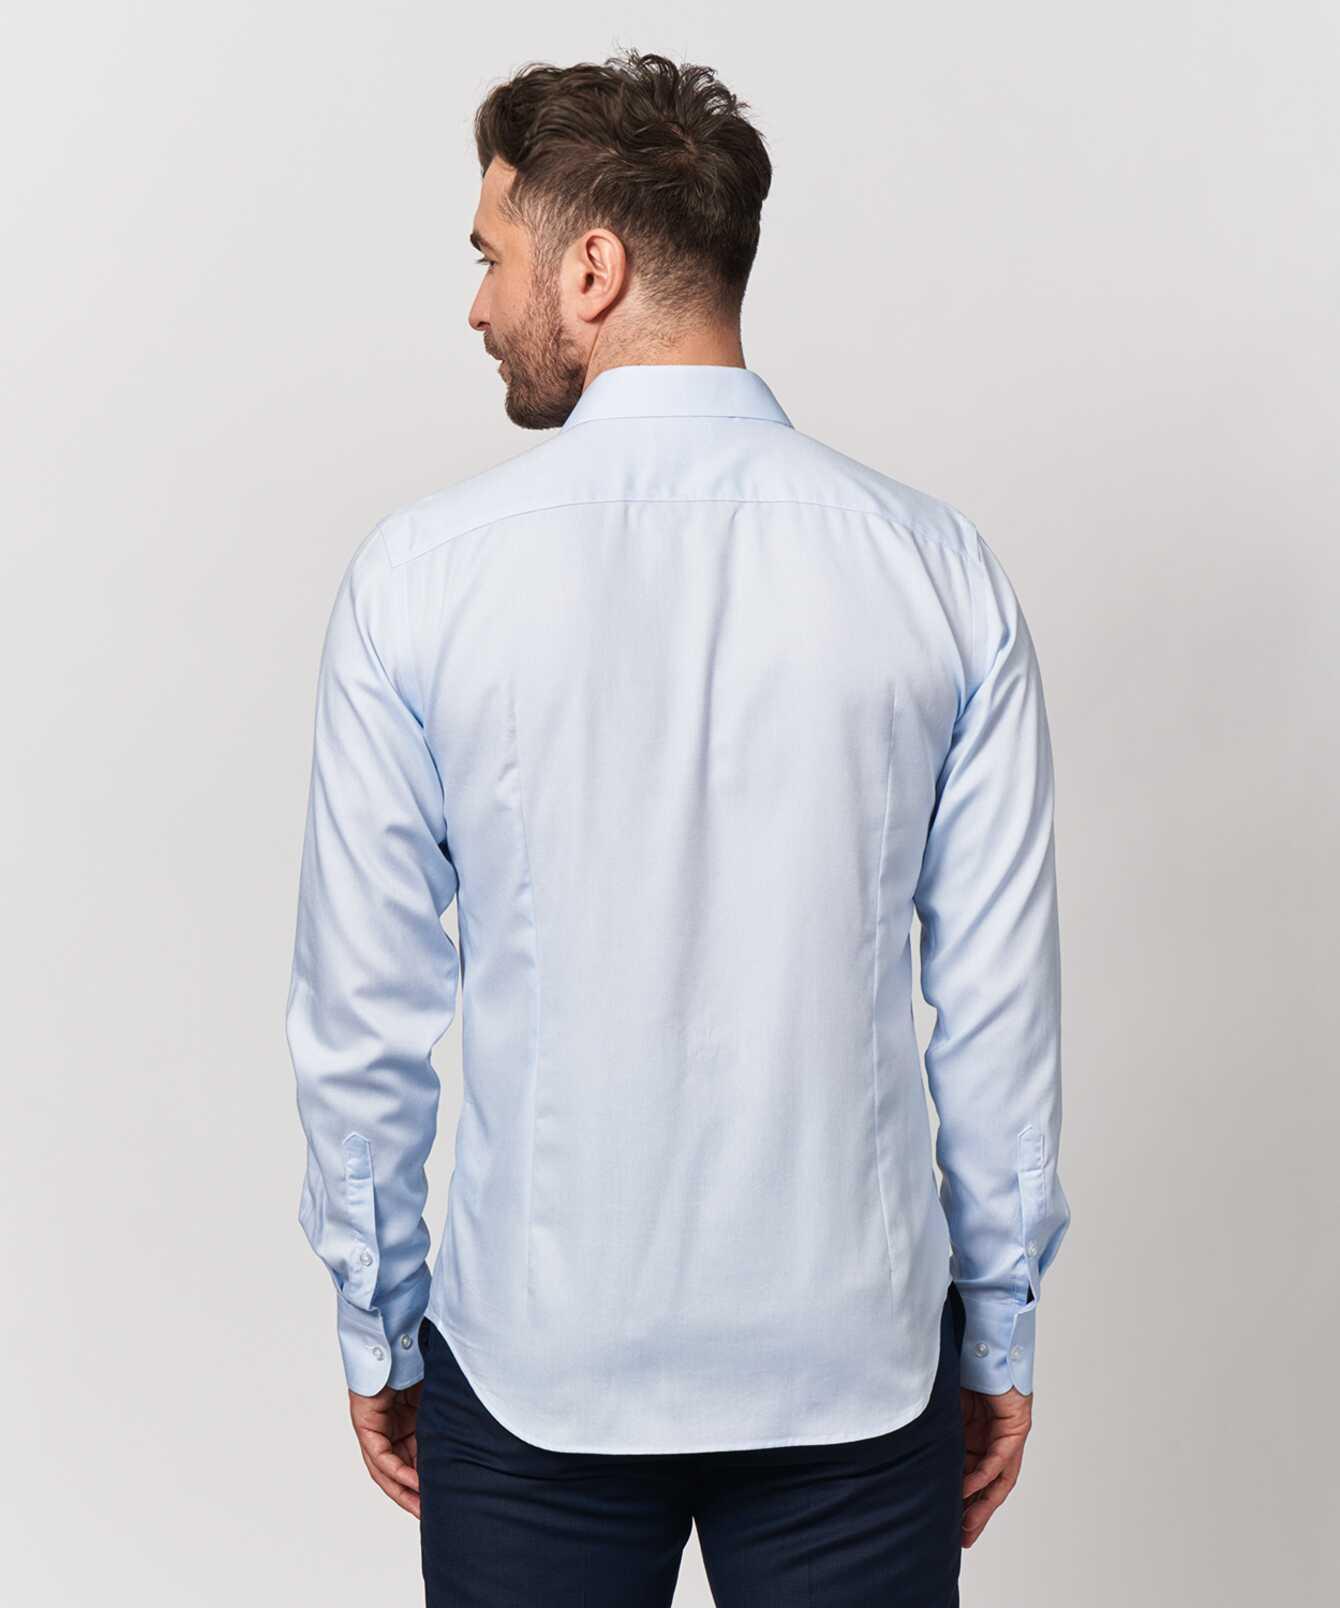 Skjorta Brooklyn The Shirt Factory